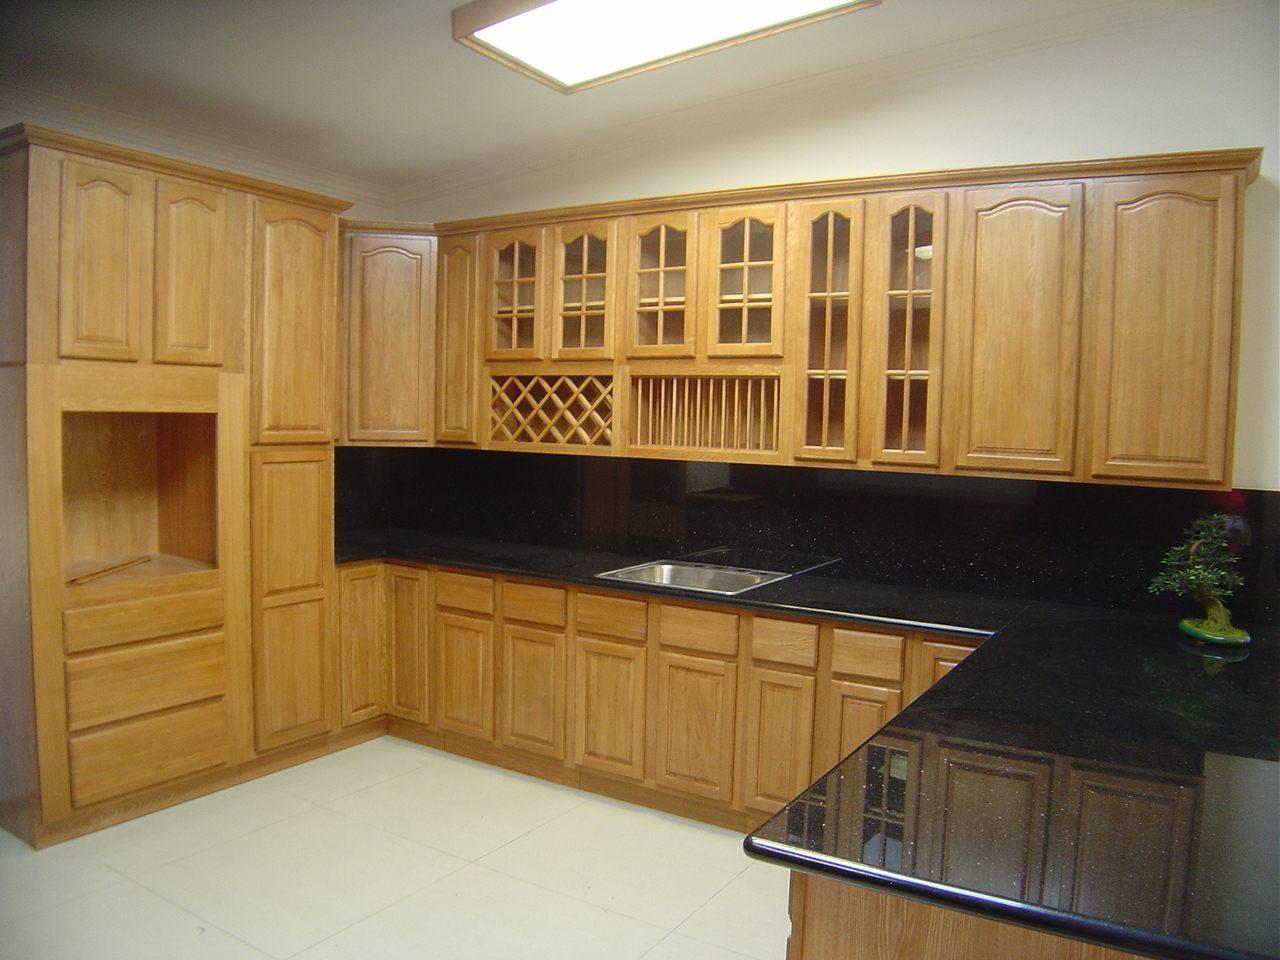 Armarios de cocina de madera :: Imágenes y fotos